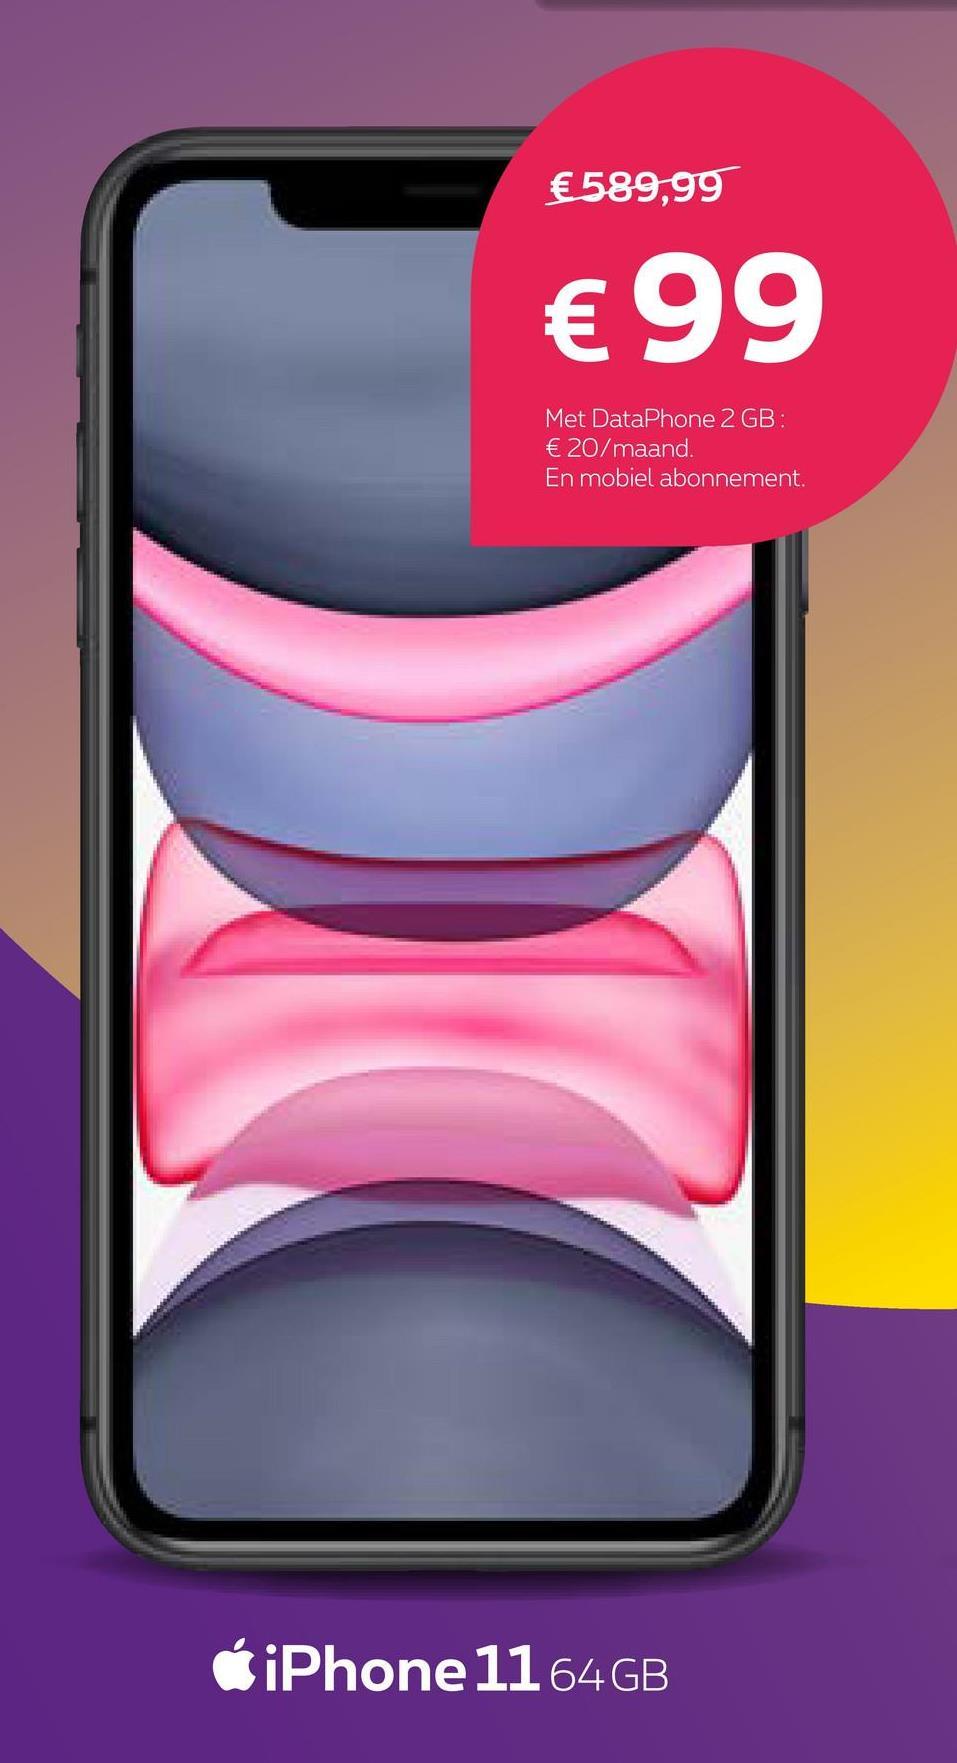 €589,99 € 99 Met DataPhone 2 GB : € 20/maand. En mobiel abonnement. iPhone 1164 GB